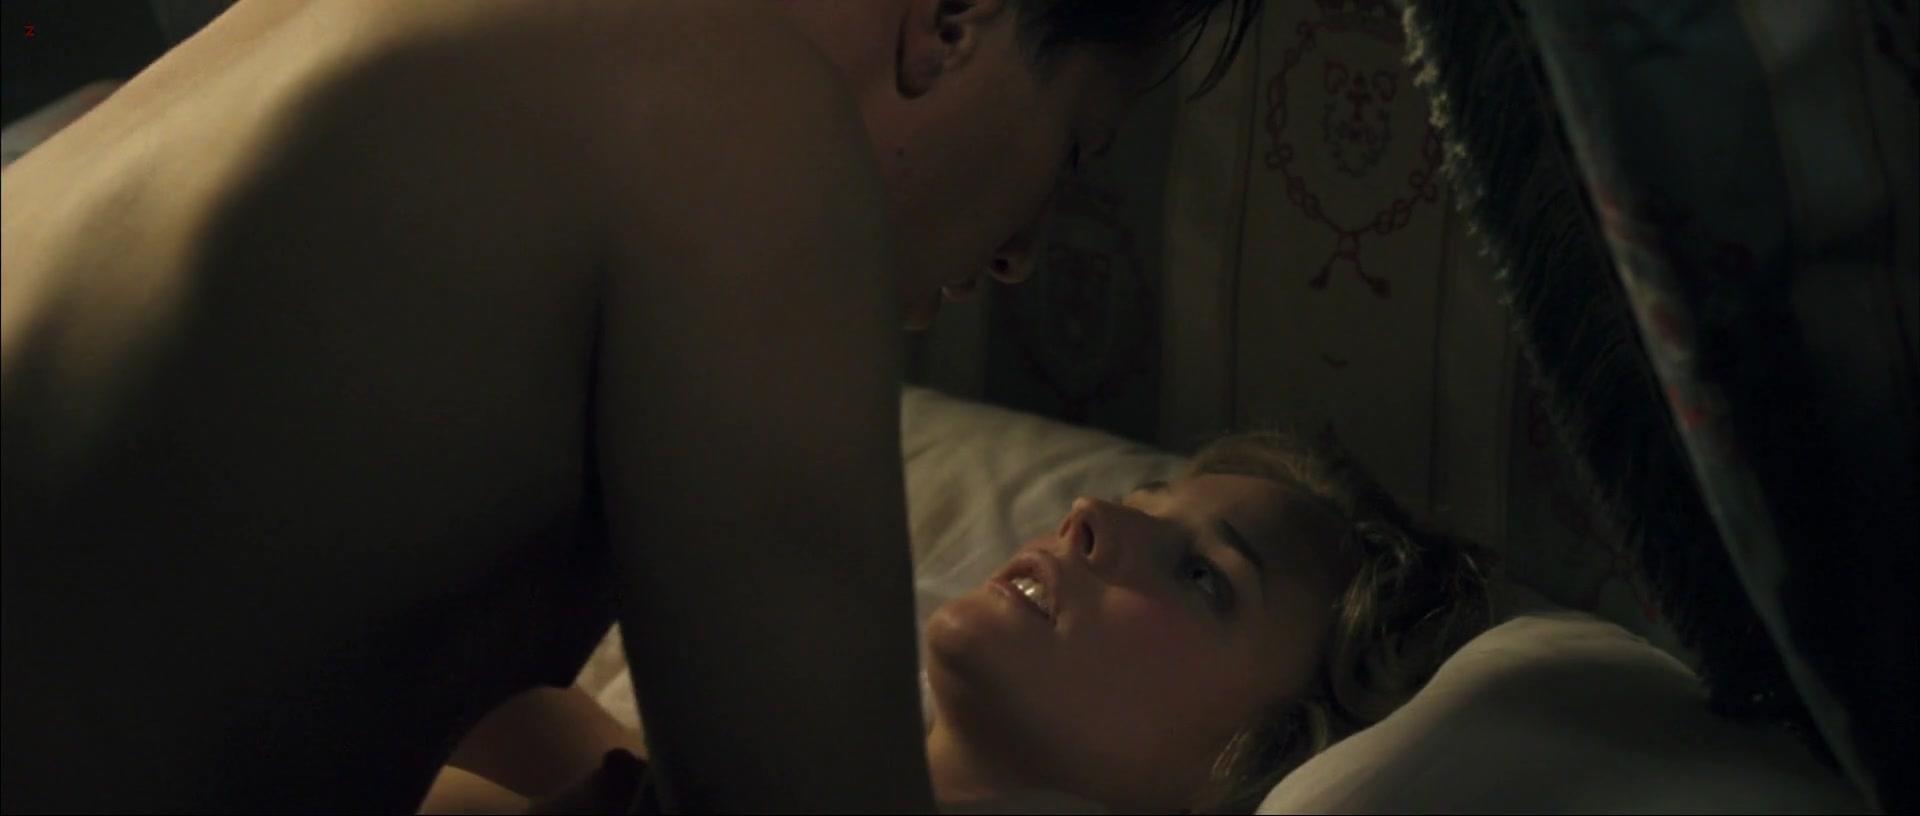 Diane Kruger nude - Joyeux Noel (2005)